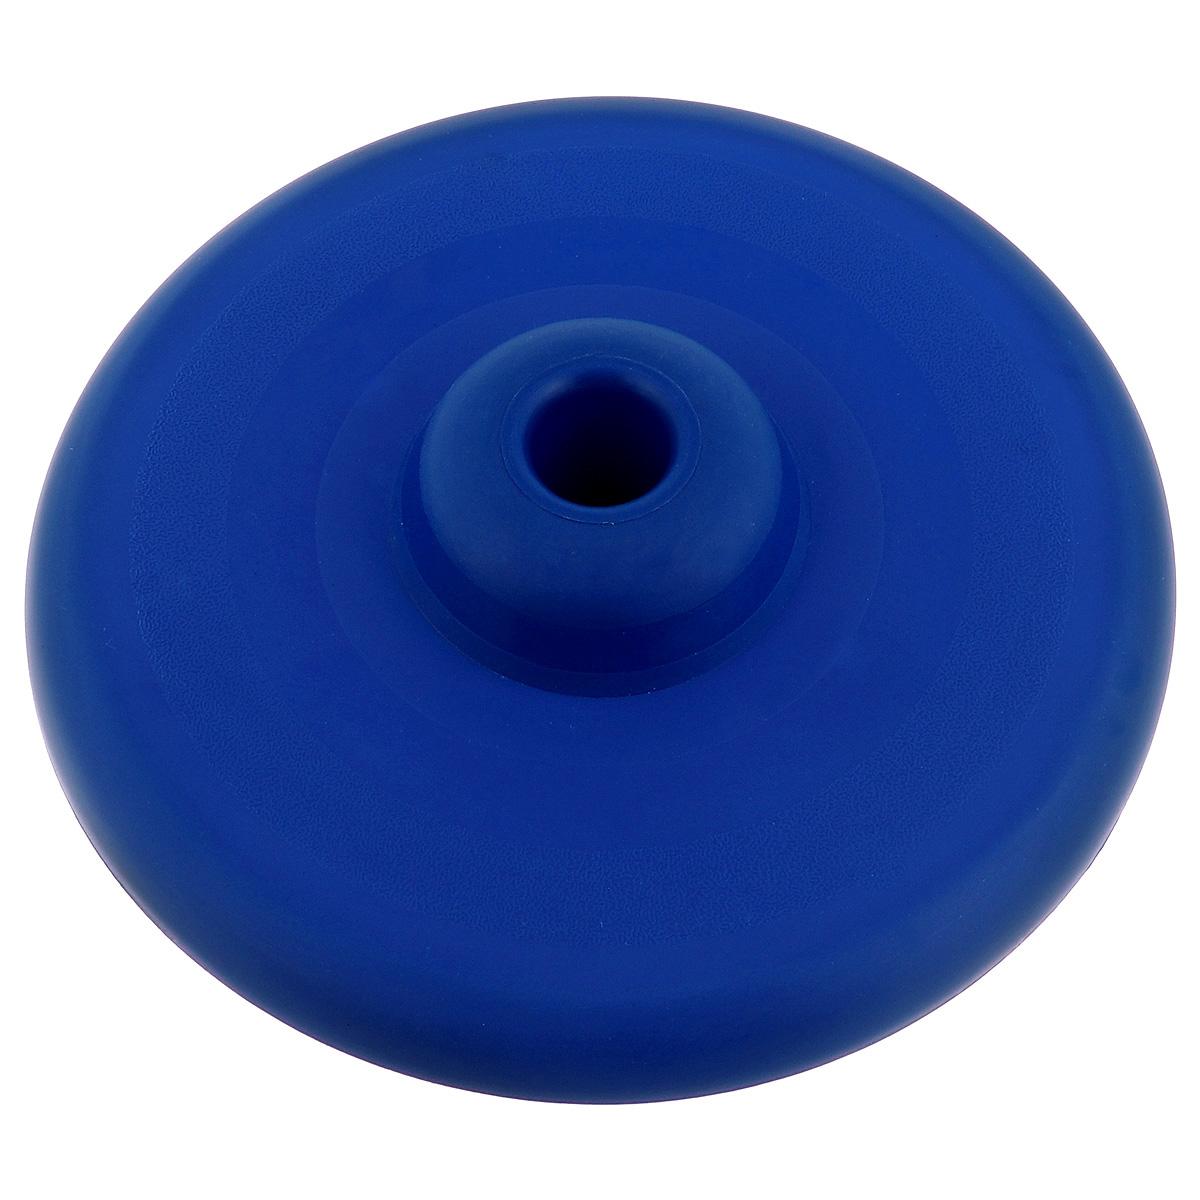 Игрушка для собак I.P.T.S. Фрисби, цвет: синий, диаметр 22 см19188 синийИгрушка I.P.T.S. Фрисби, выполненная из пластика, отлично подойдет для совместных игр хозяина и собаки. Игрушка не повреждает десны питомца. Совместные игры укрепляют взаимоотношение и понимание. Давая новую игрушку вашему питомцу, не оставляйте животное без присмотра, не убедившись, что собака не может разгрызть данную игрушку. Диаметр: 22 см.